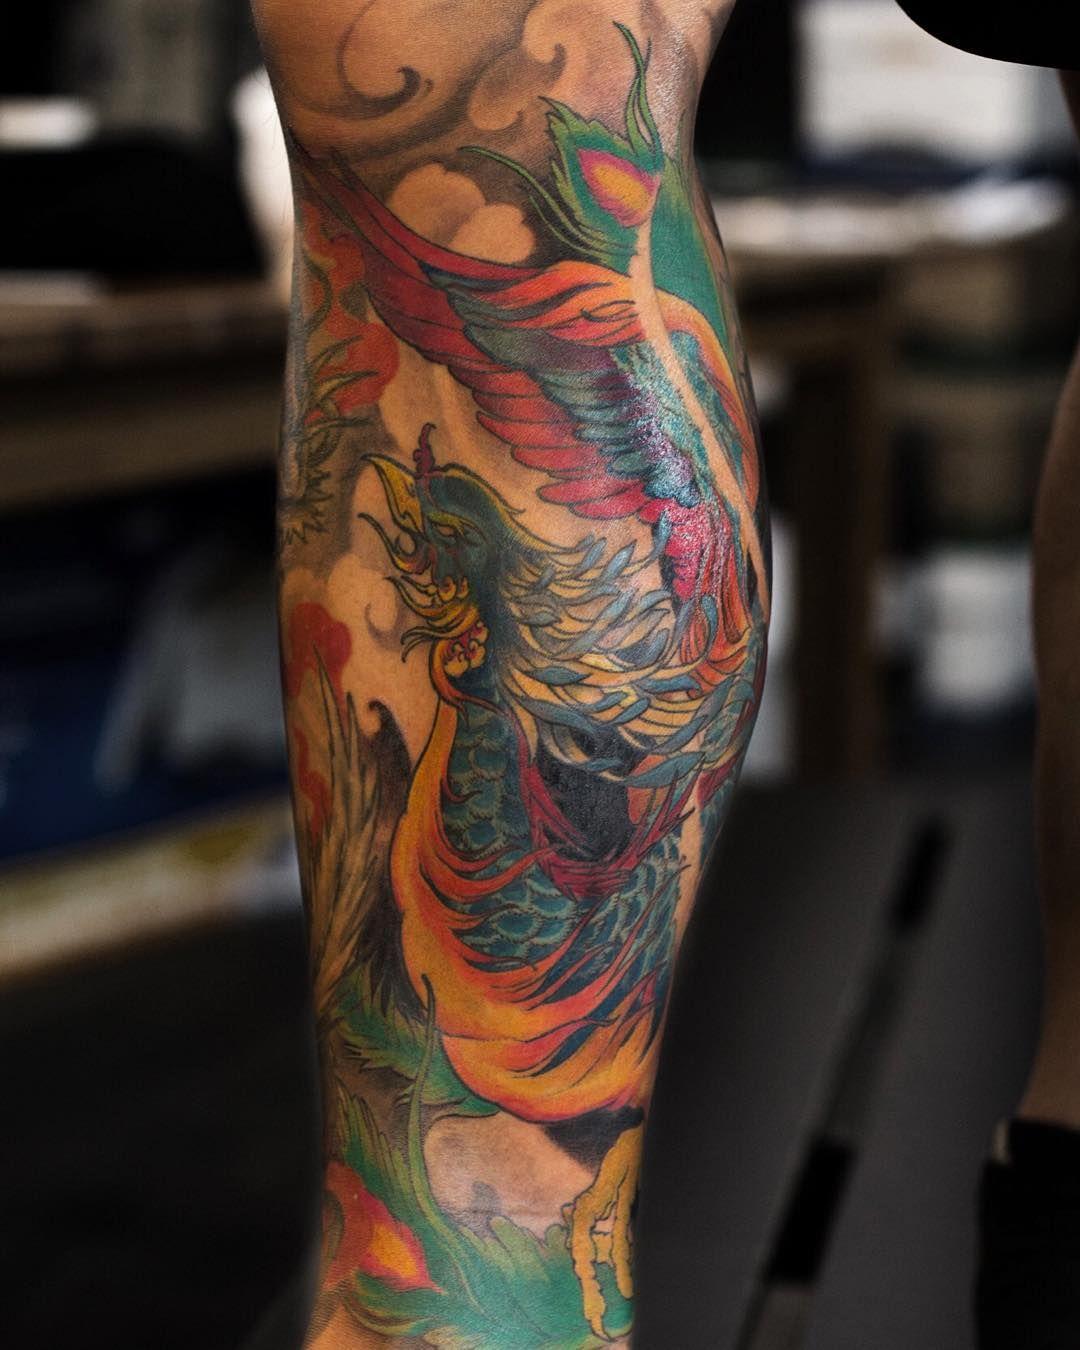 Phoenix leg 12 sleeve tattoo artists color tattoo tattoos